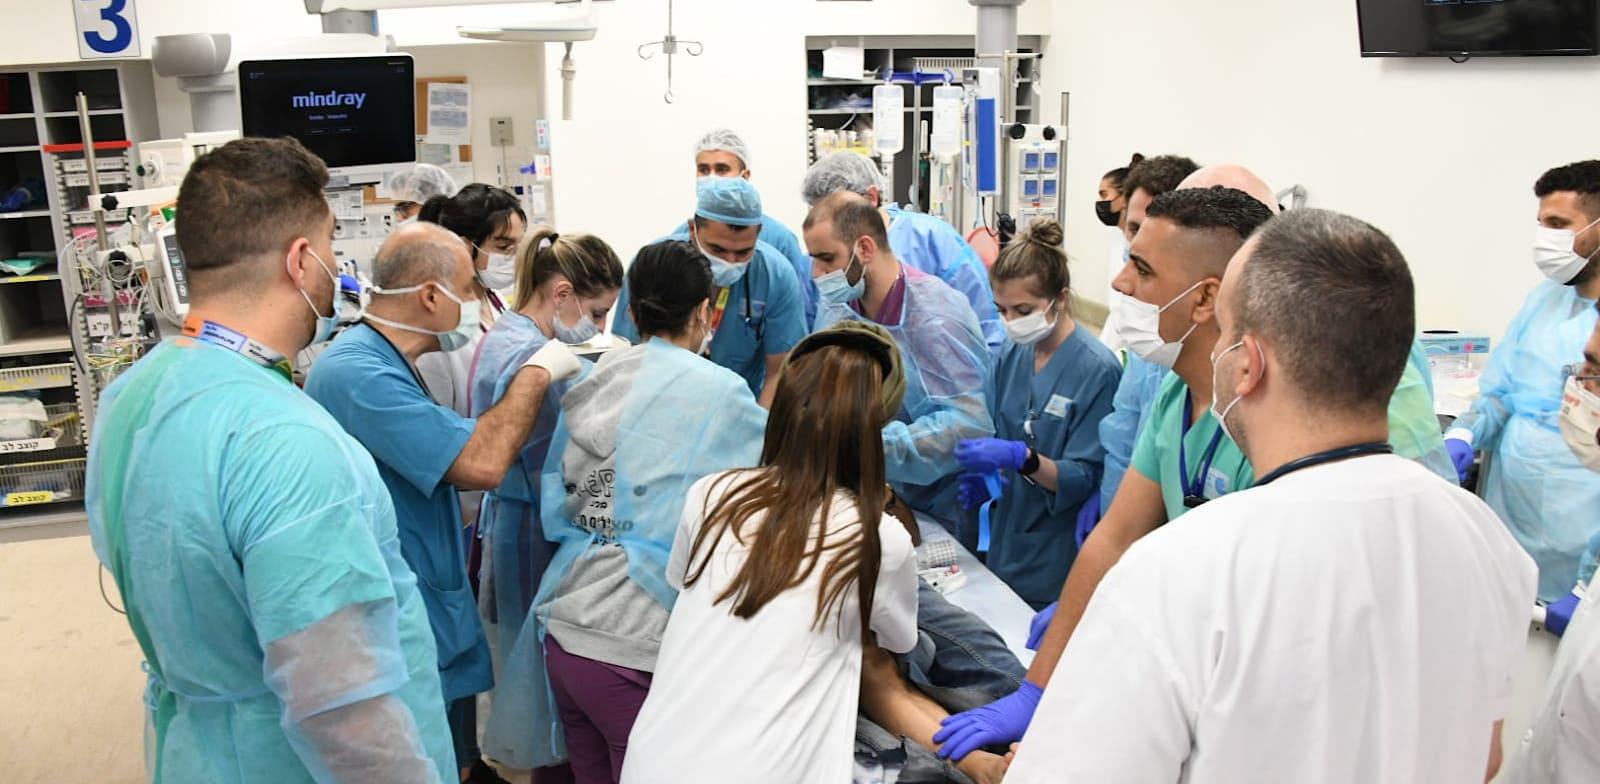 הגיע הזמן לרפואה שוויונית בישראל